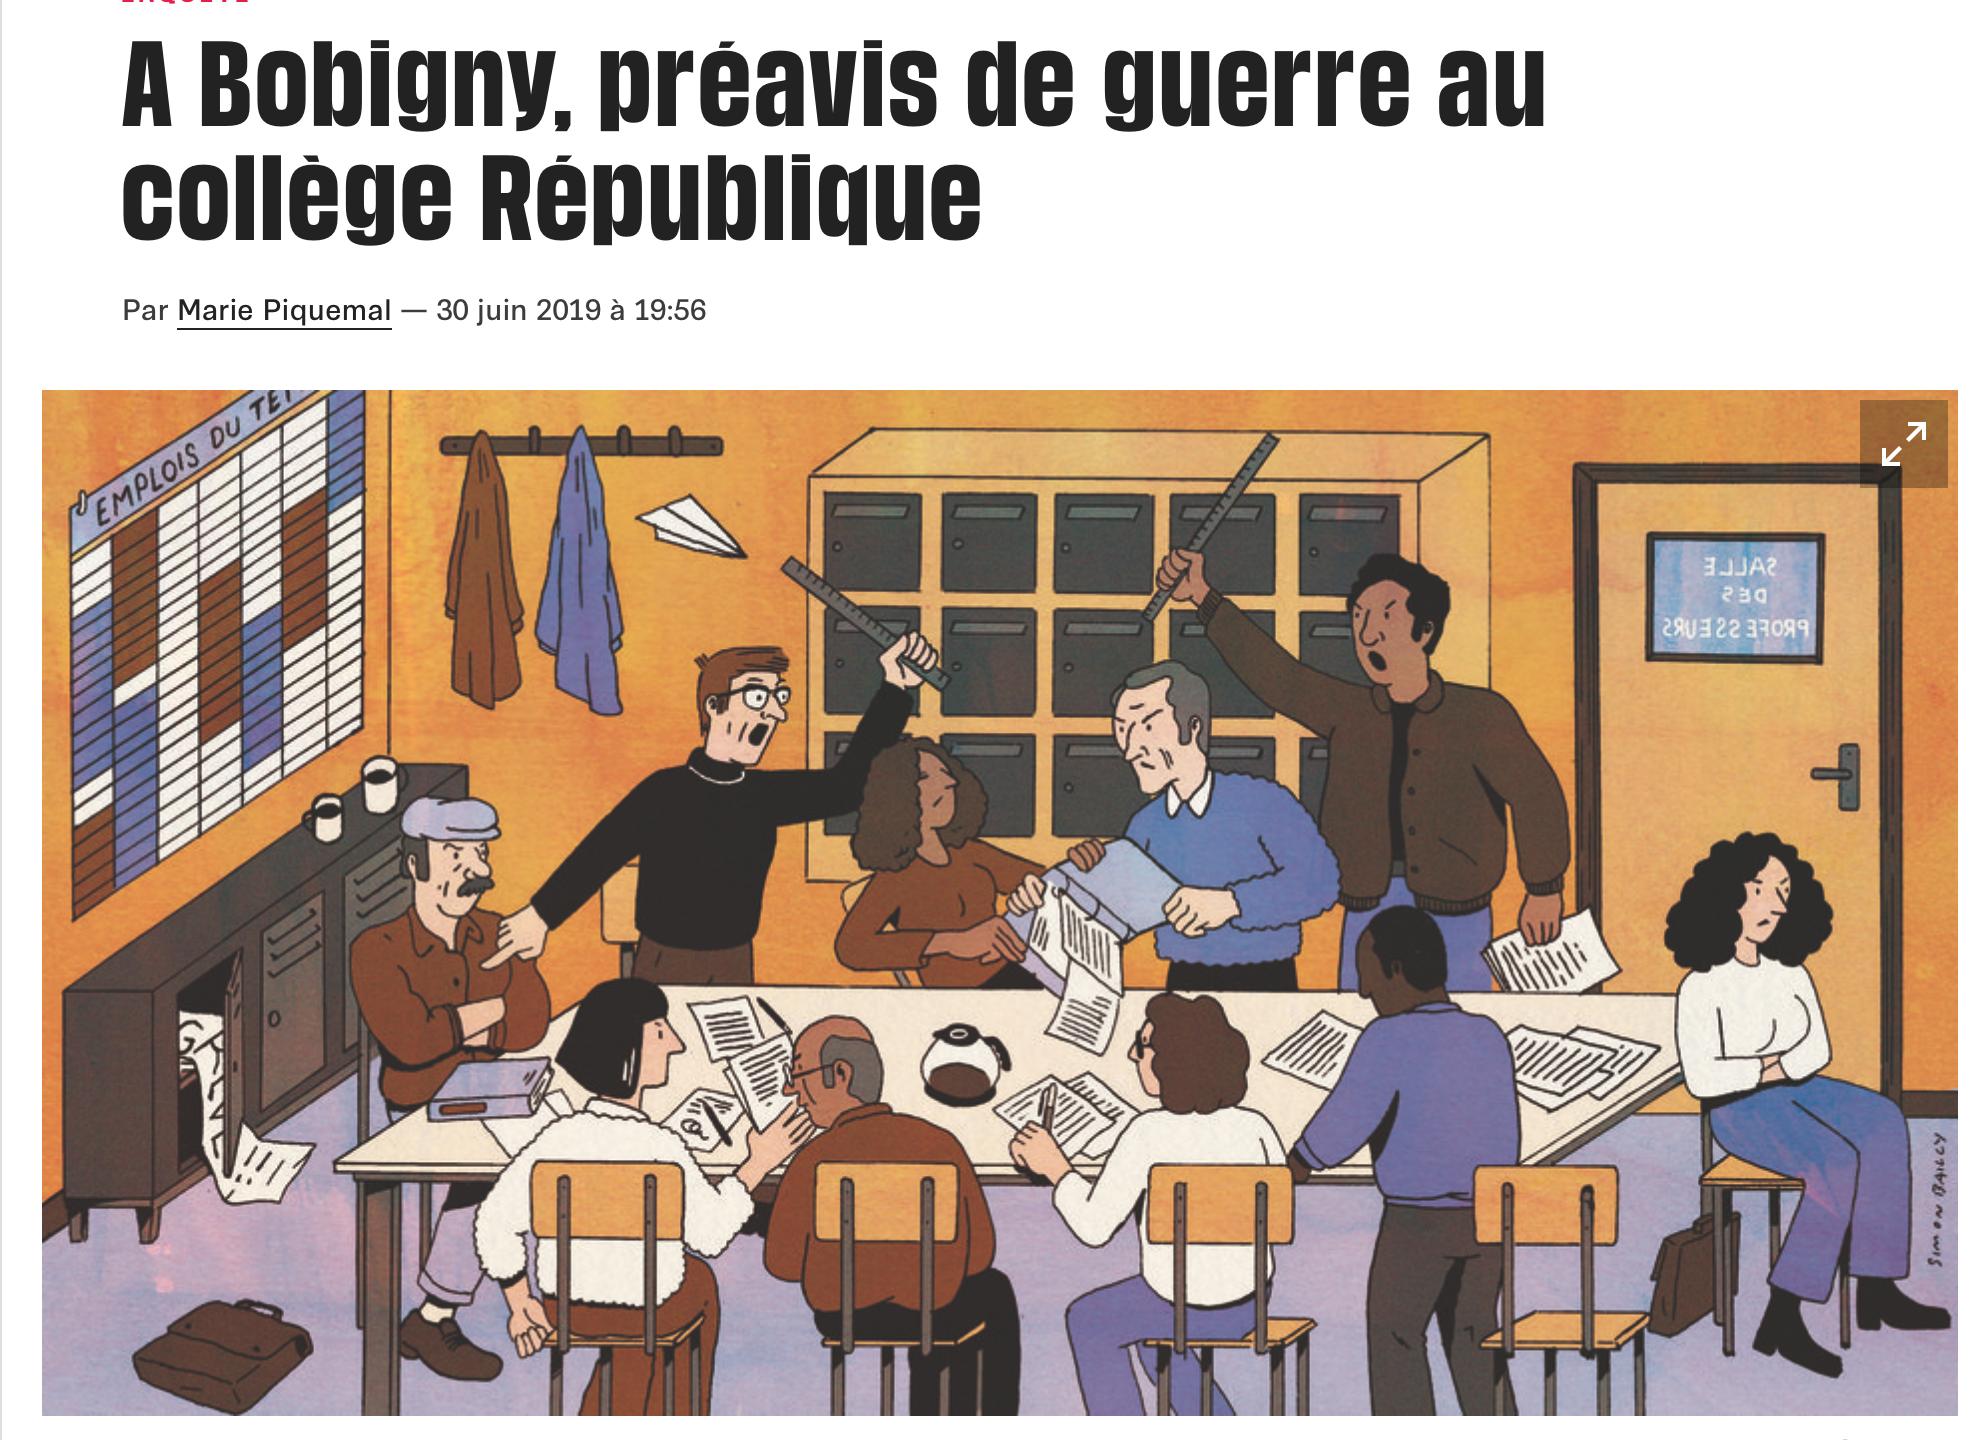 Collège République de Bobigny : le prof écrit au tableau  «vous êtes des porcs sans avenir» et s'excuse